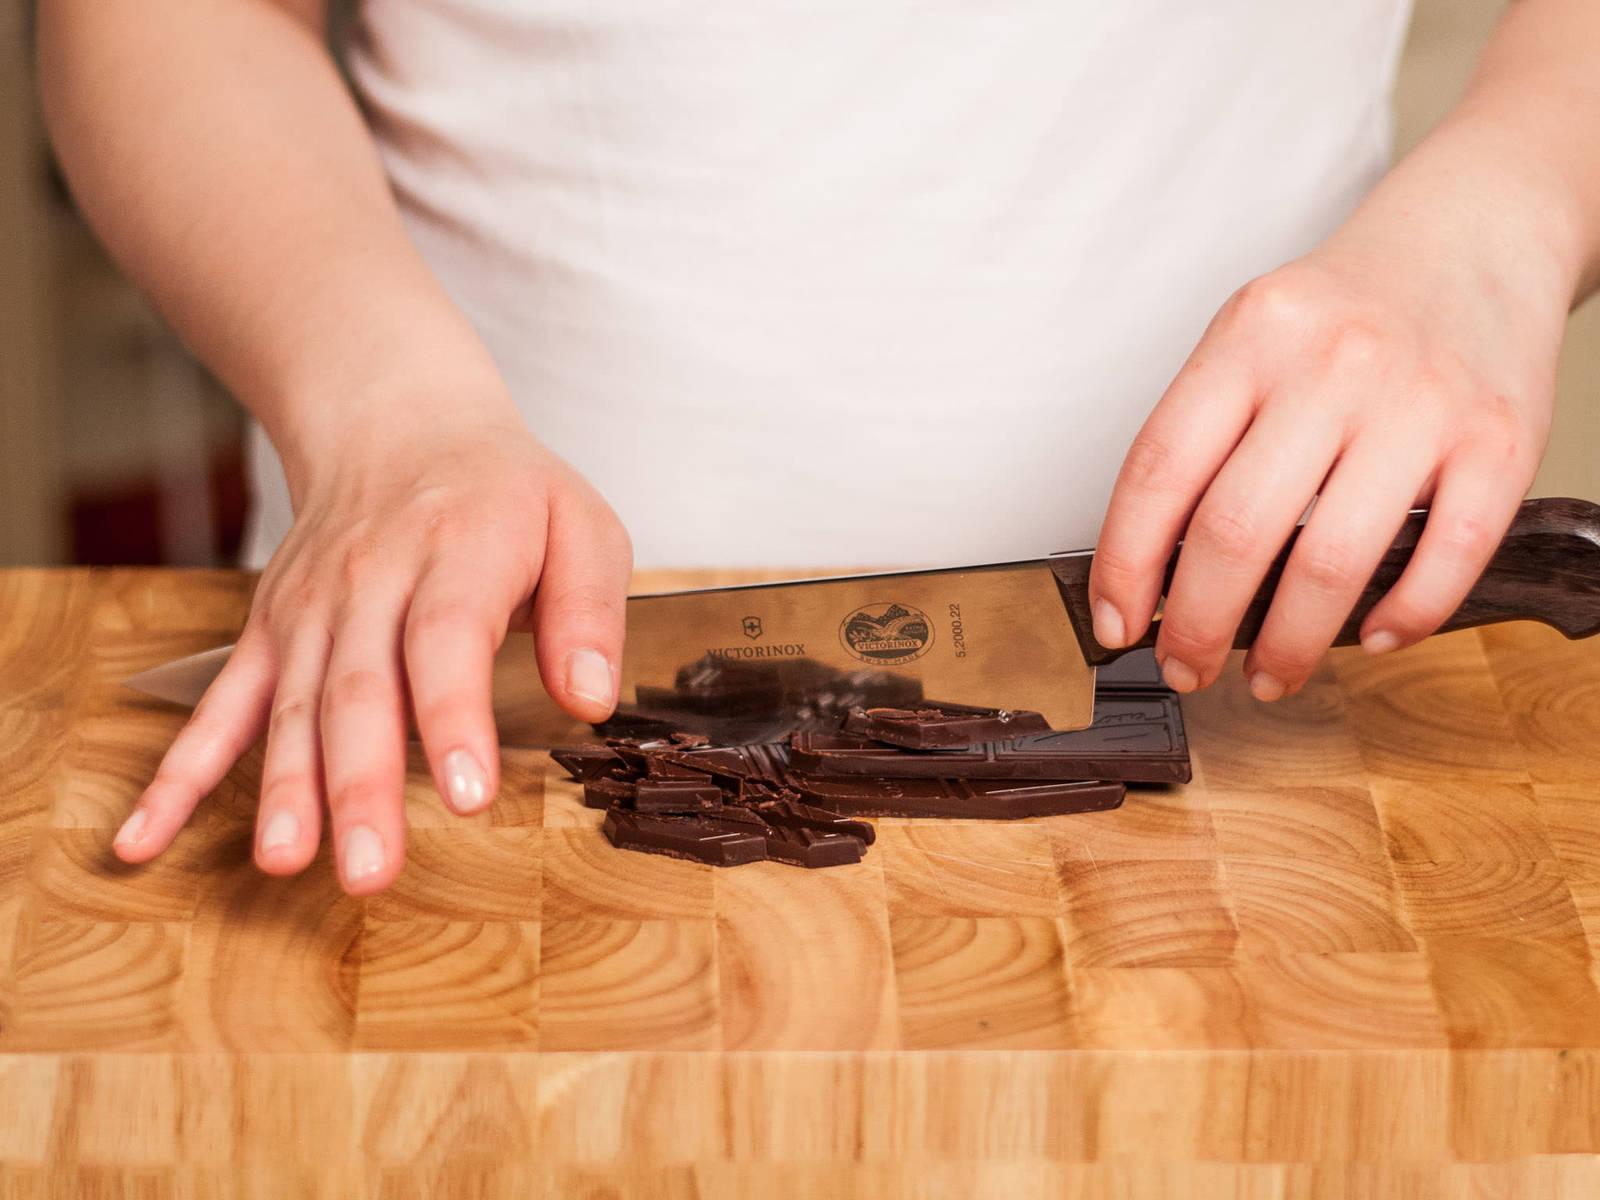 将柠檬和橙子去皮榨汁。向果汁中加入红糖,搅拌均匀。预热烤炉。将黑巧克力剁碎。